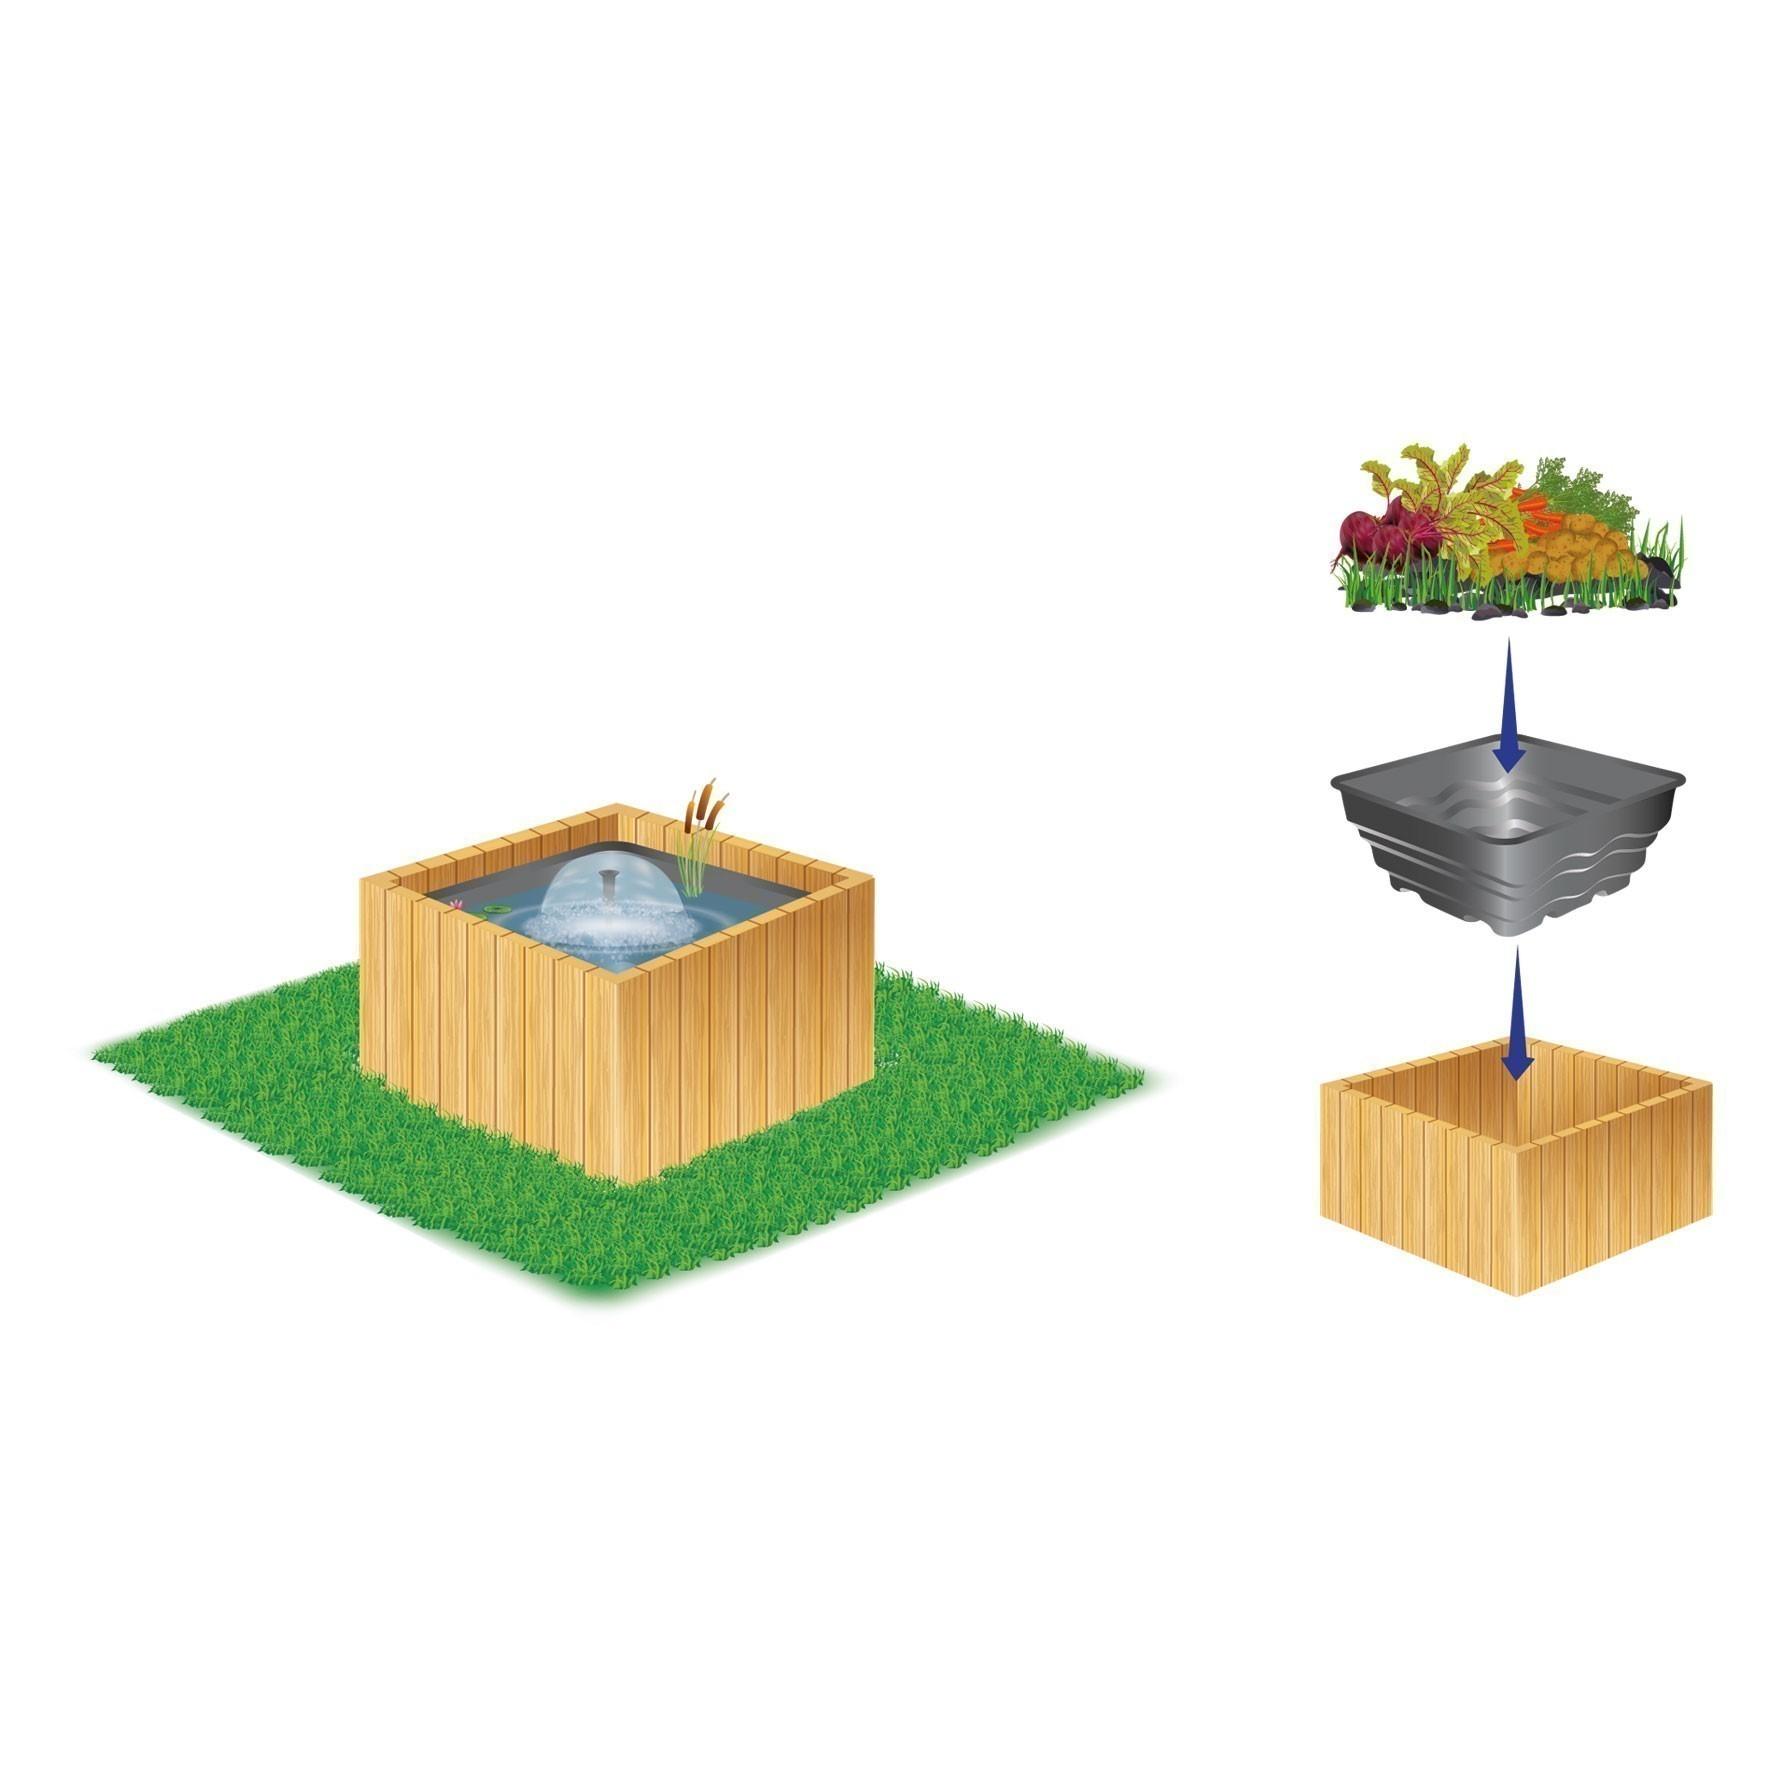 teichbecken terrassenteich heissner wassergarten. Black Bedroom Furniture Sets. Home Design Ideas